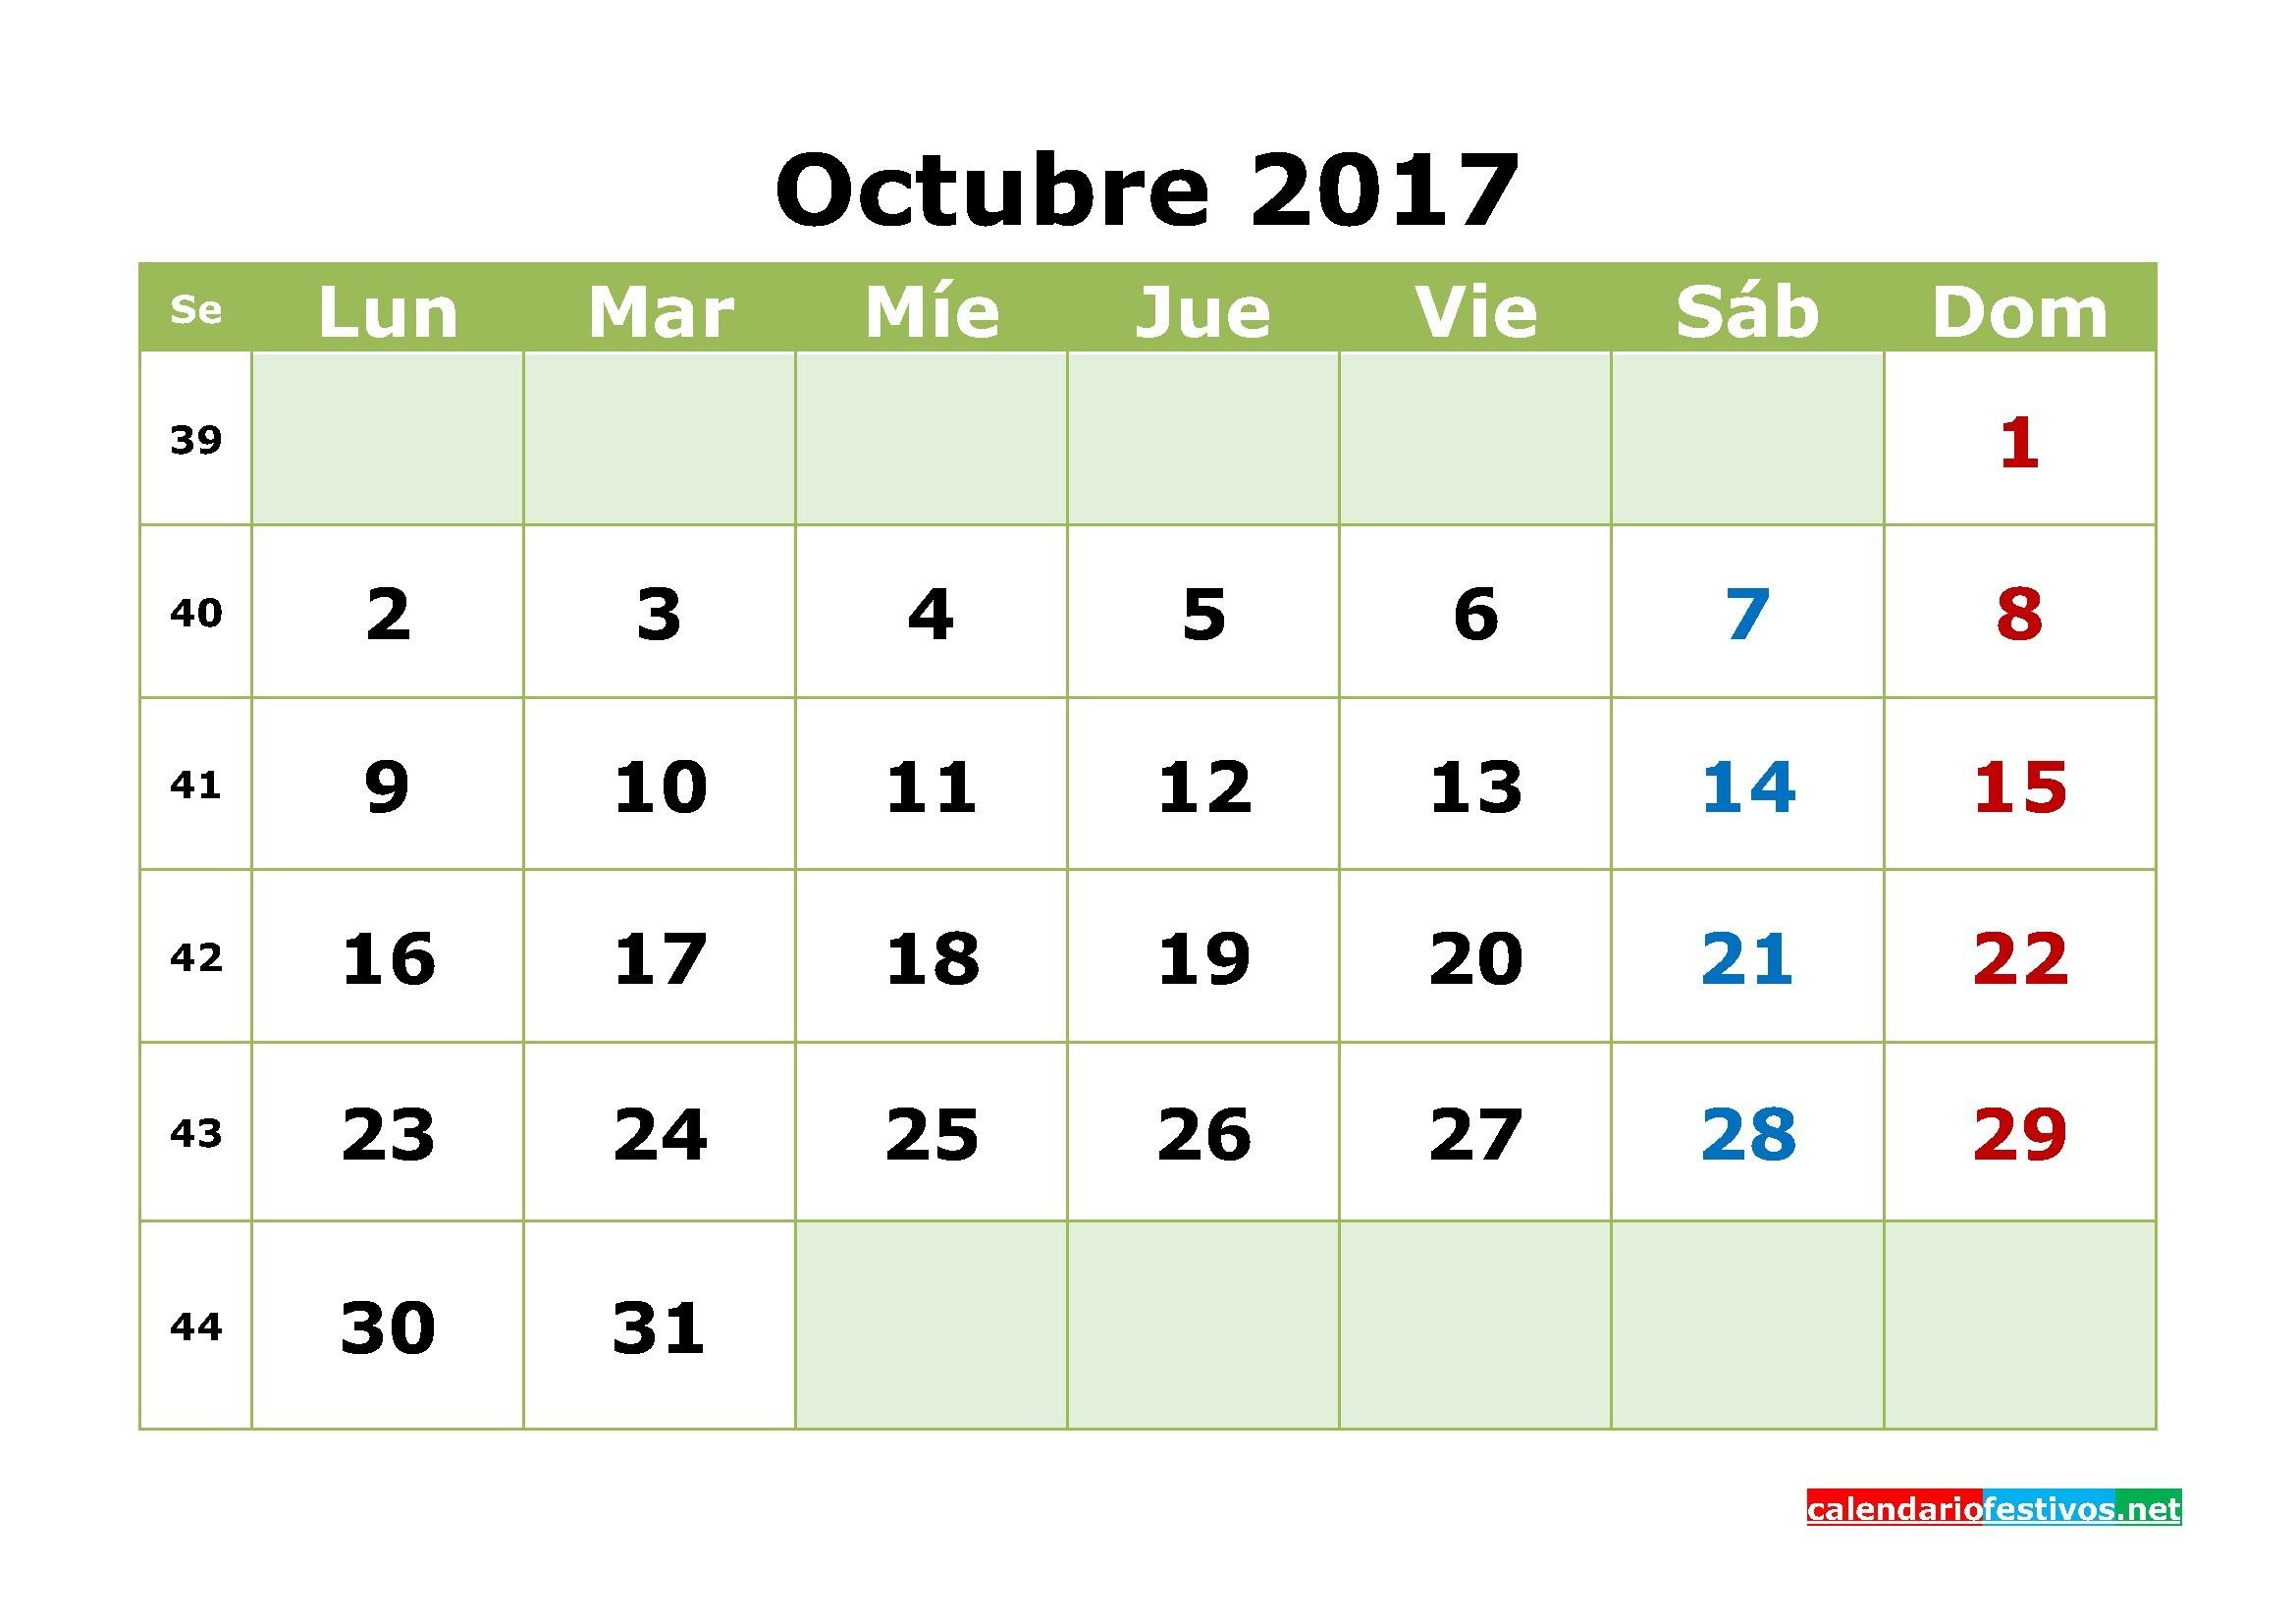 Calendario Octubre 2017 para imprimir calendario mensual 2017 gratis en formato de PDF et Imagen